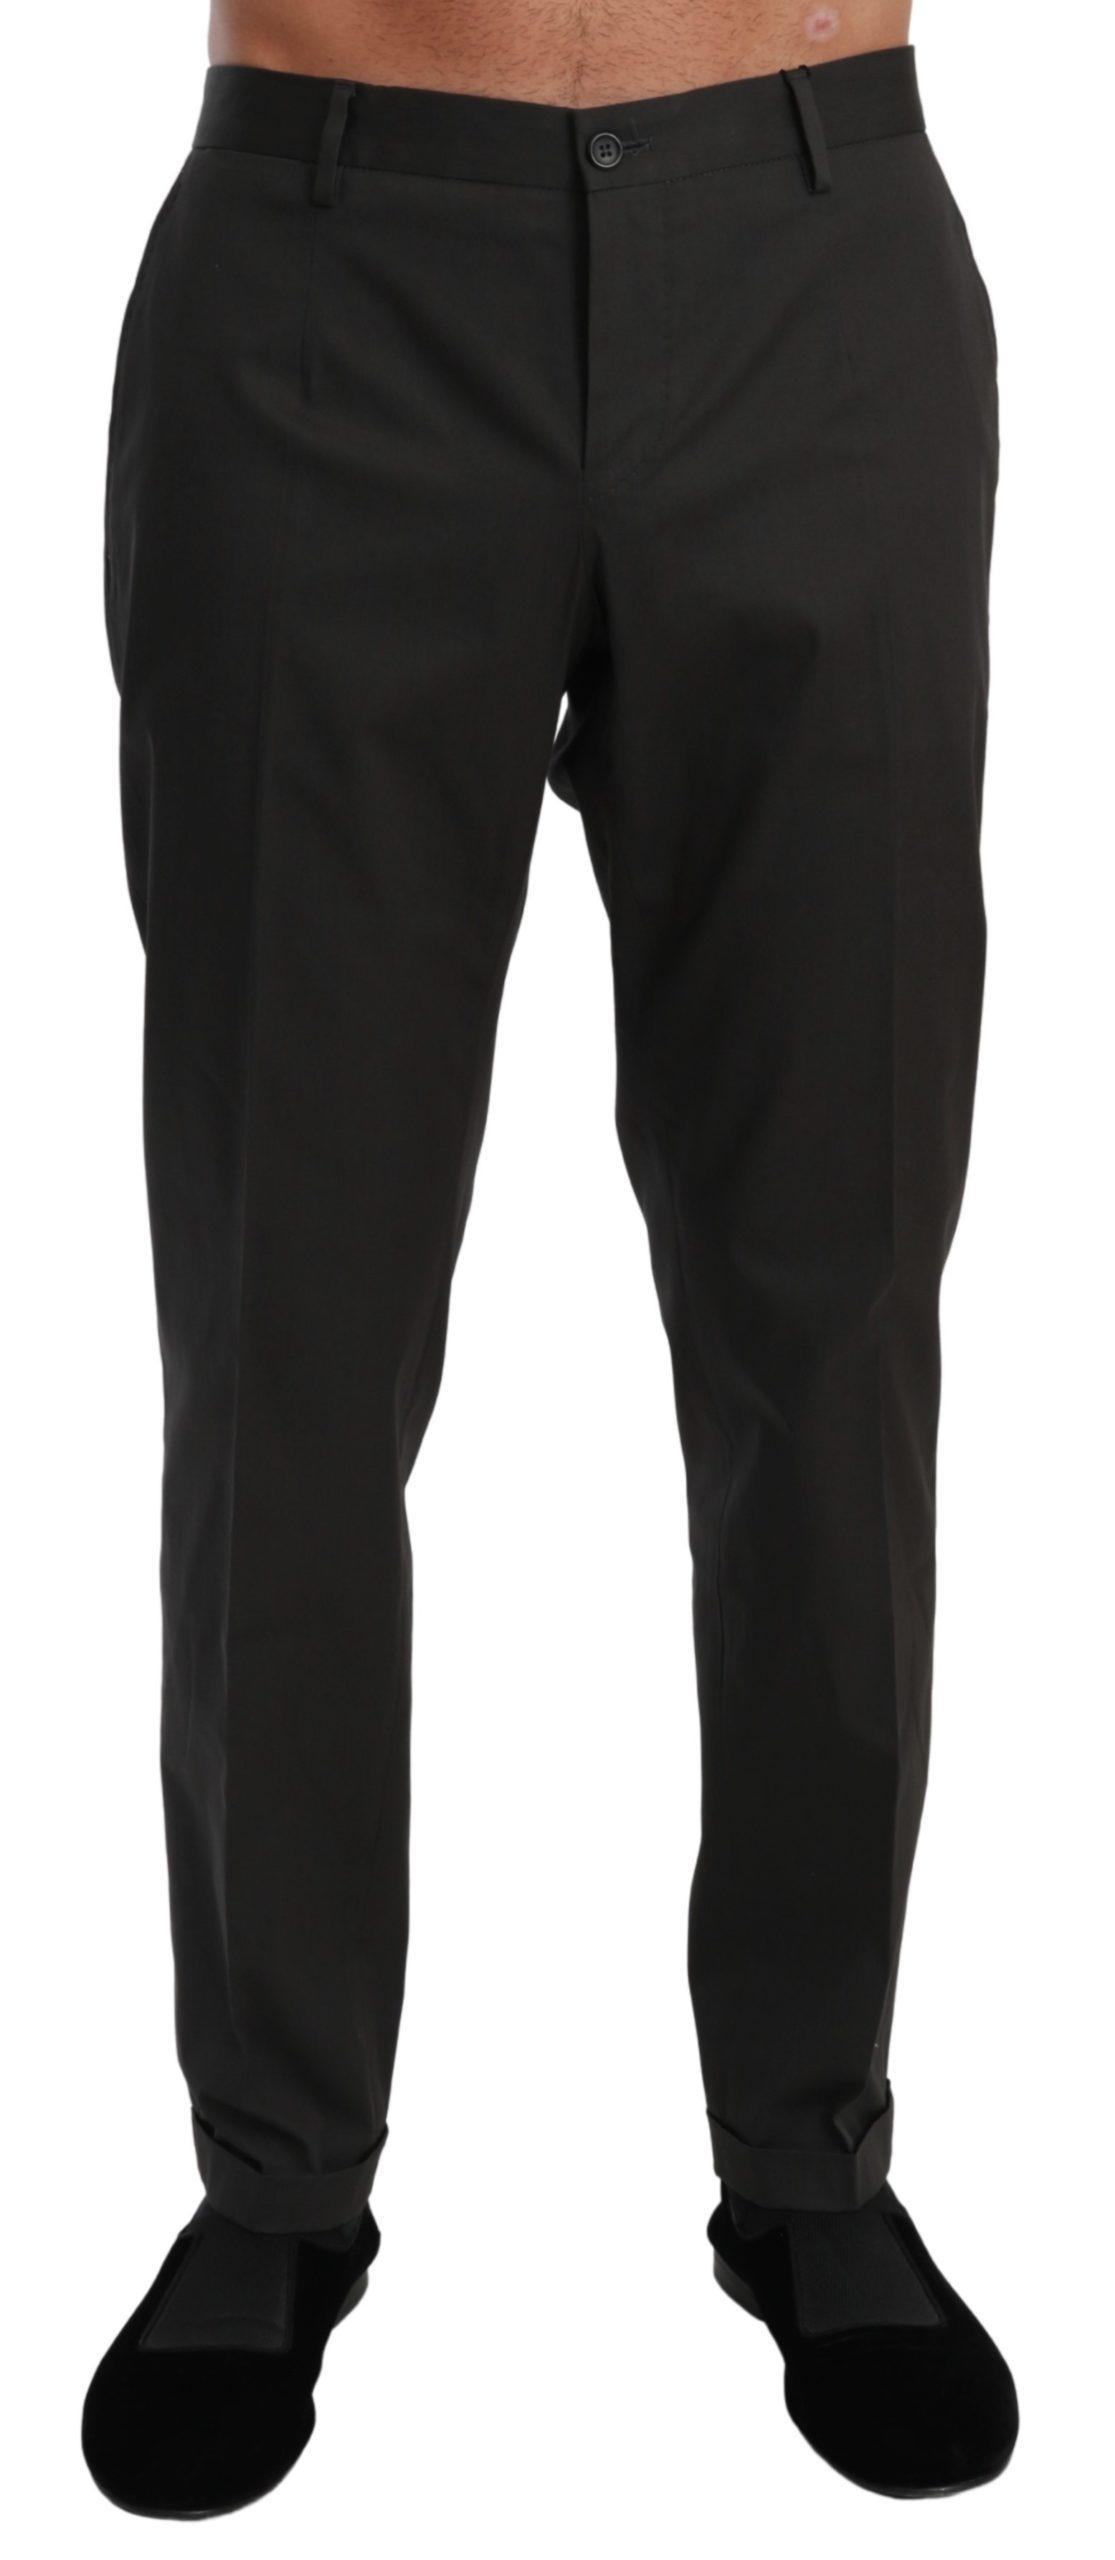 Dolce & Gabbana Men's Chinos Dress Cotton Stretch Trouser Gray PAN70999 - IT50 | L